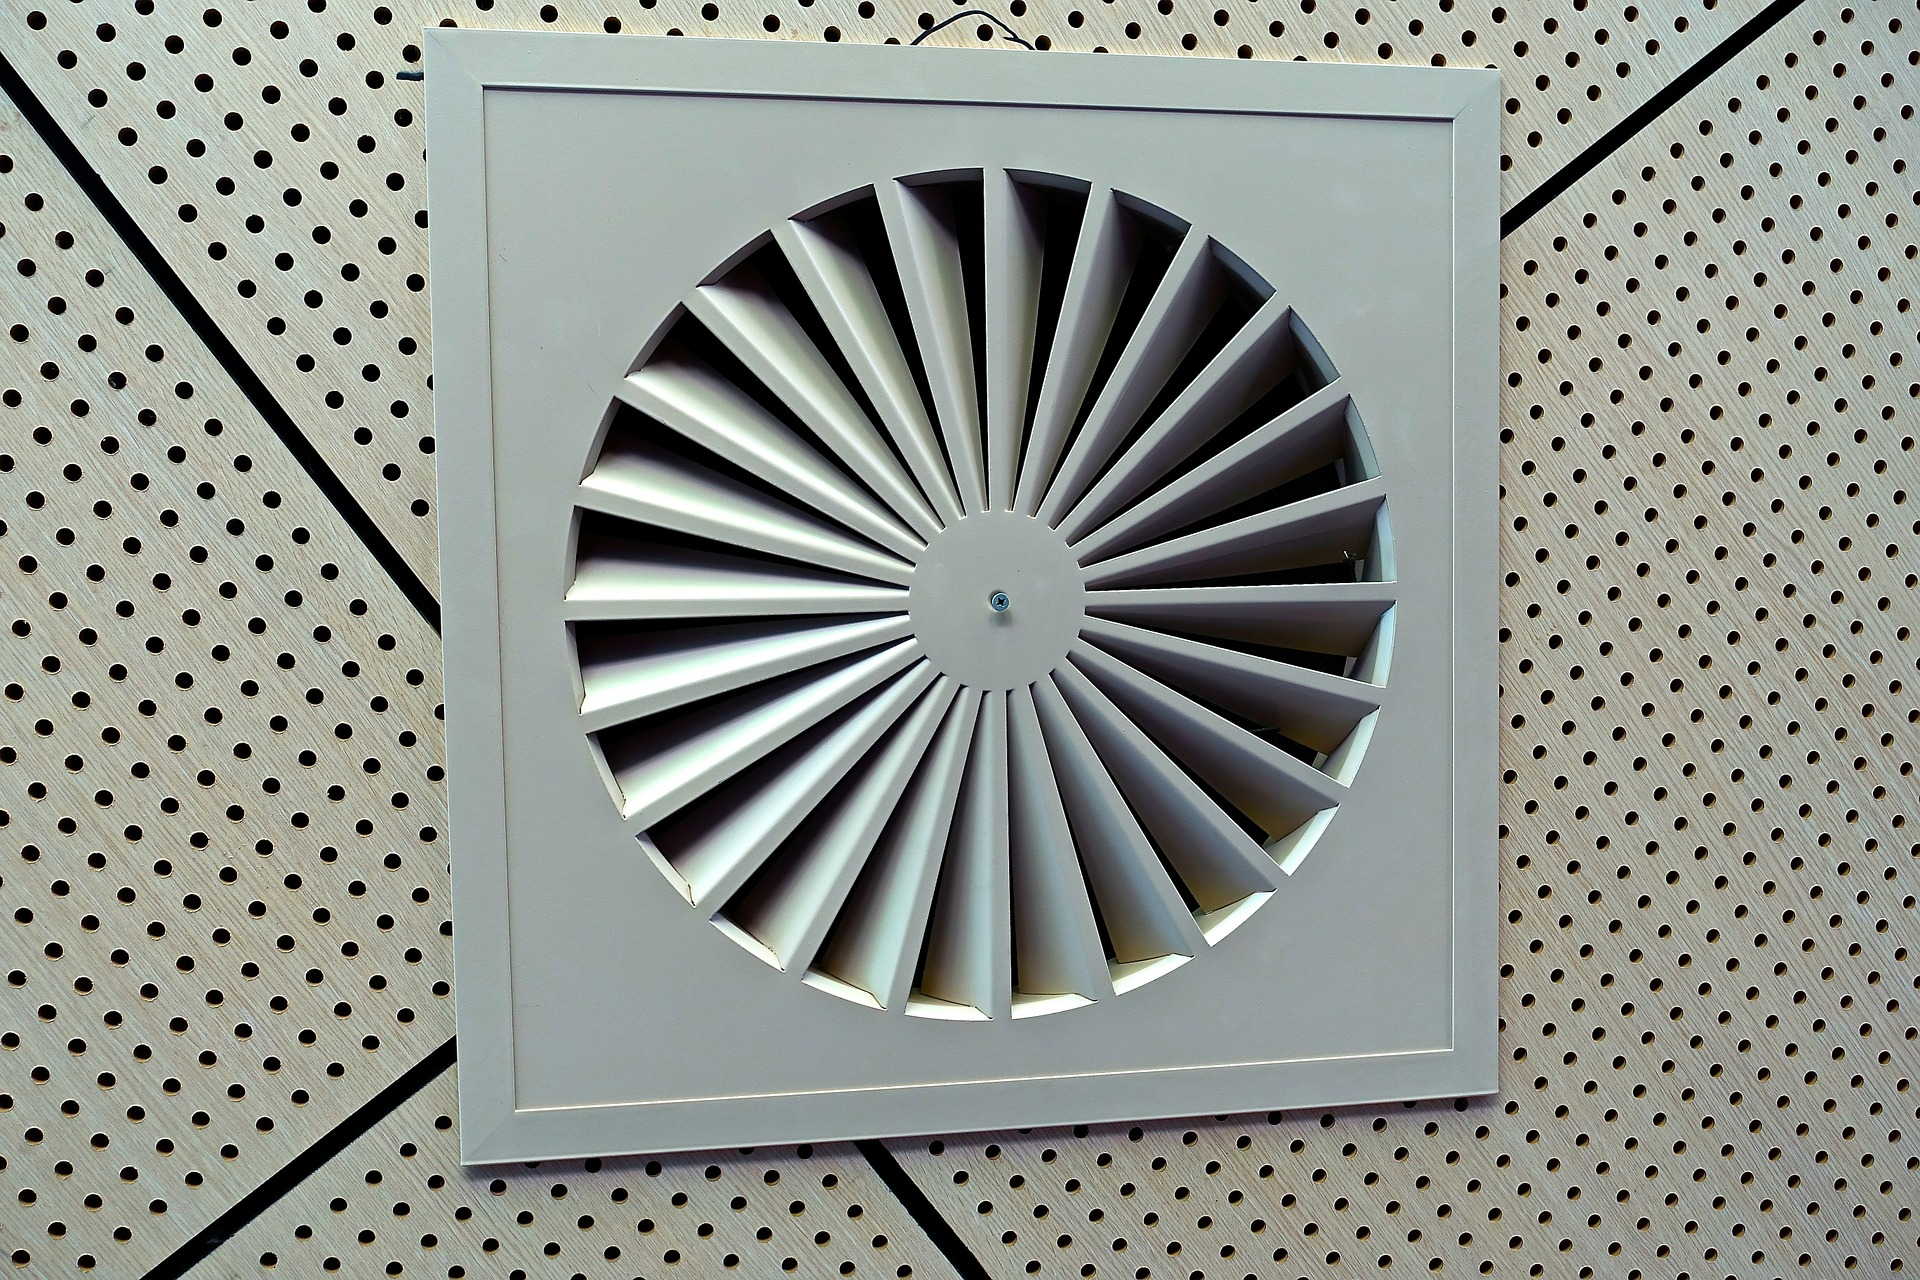 La ventilación es clave para el ciclo microbiano de los edificios. Imagen: MemoryCatcher. Fuente: Pixabay.